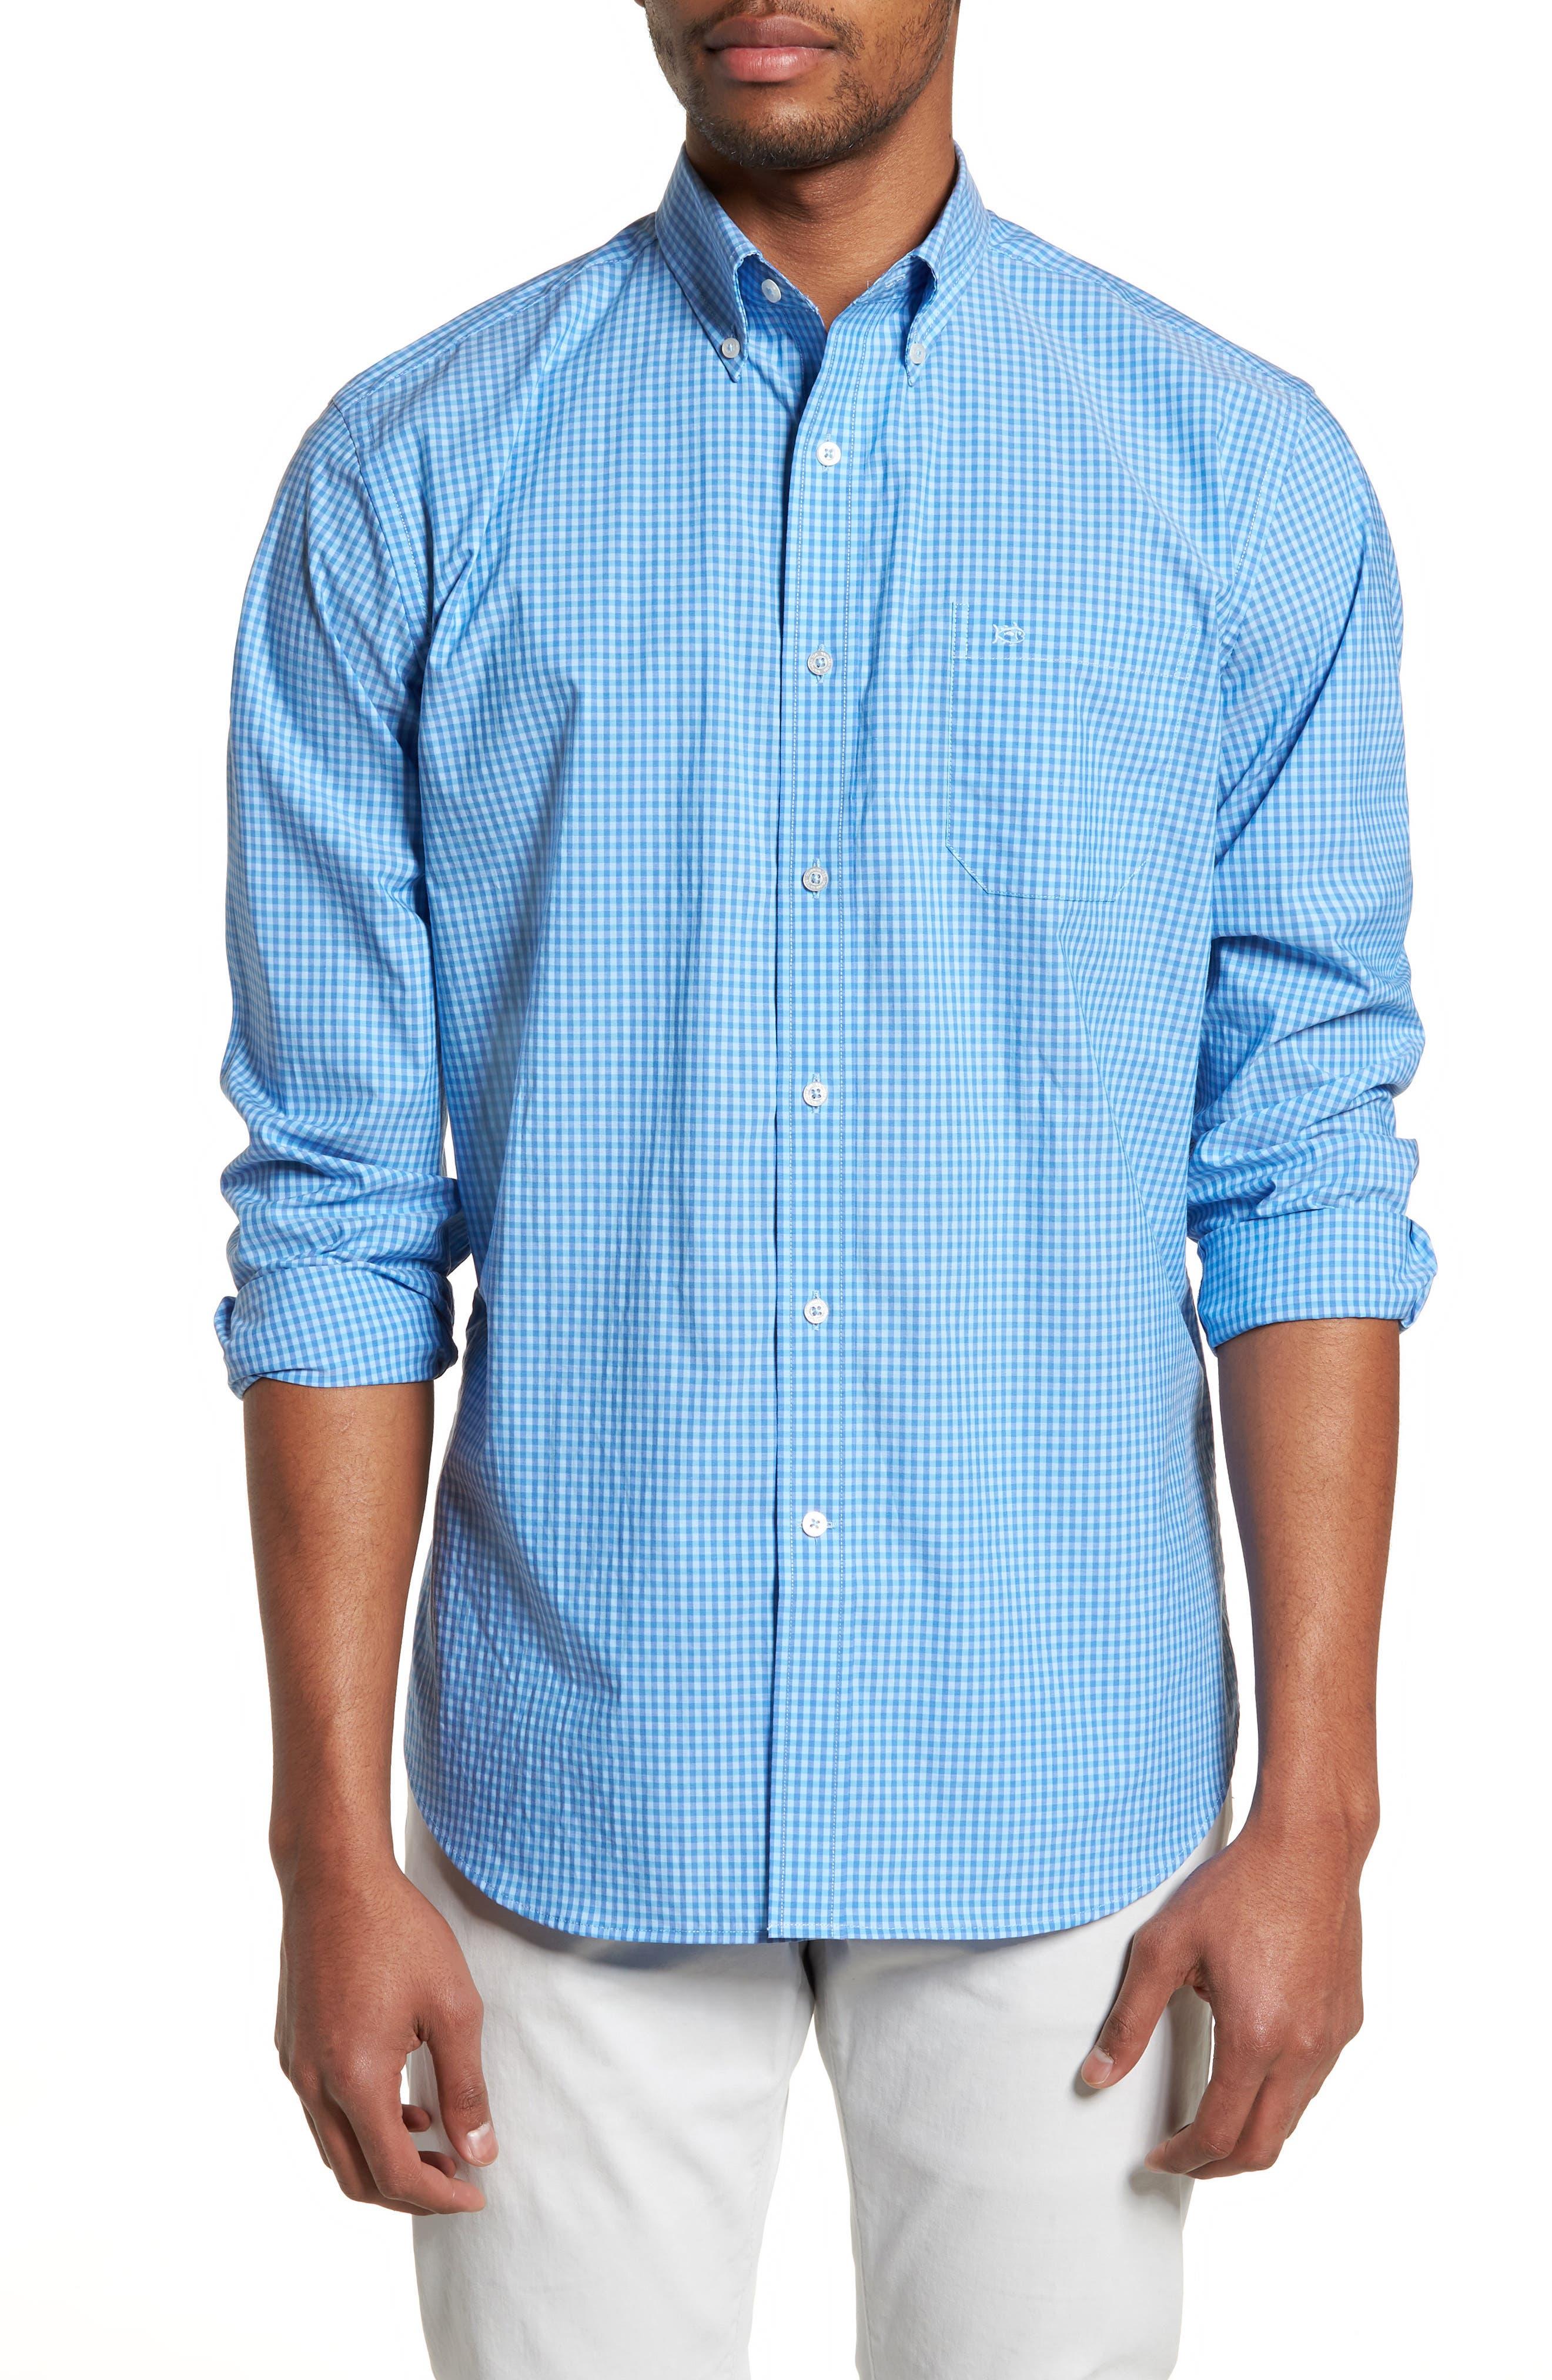 Camana Bay Regular Fit Check Stretch Sport Shirt,                         Main,                         color, 392